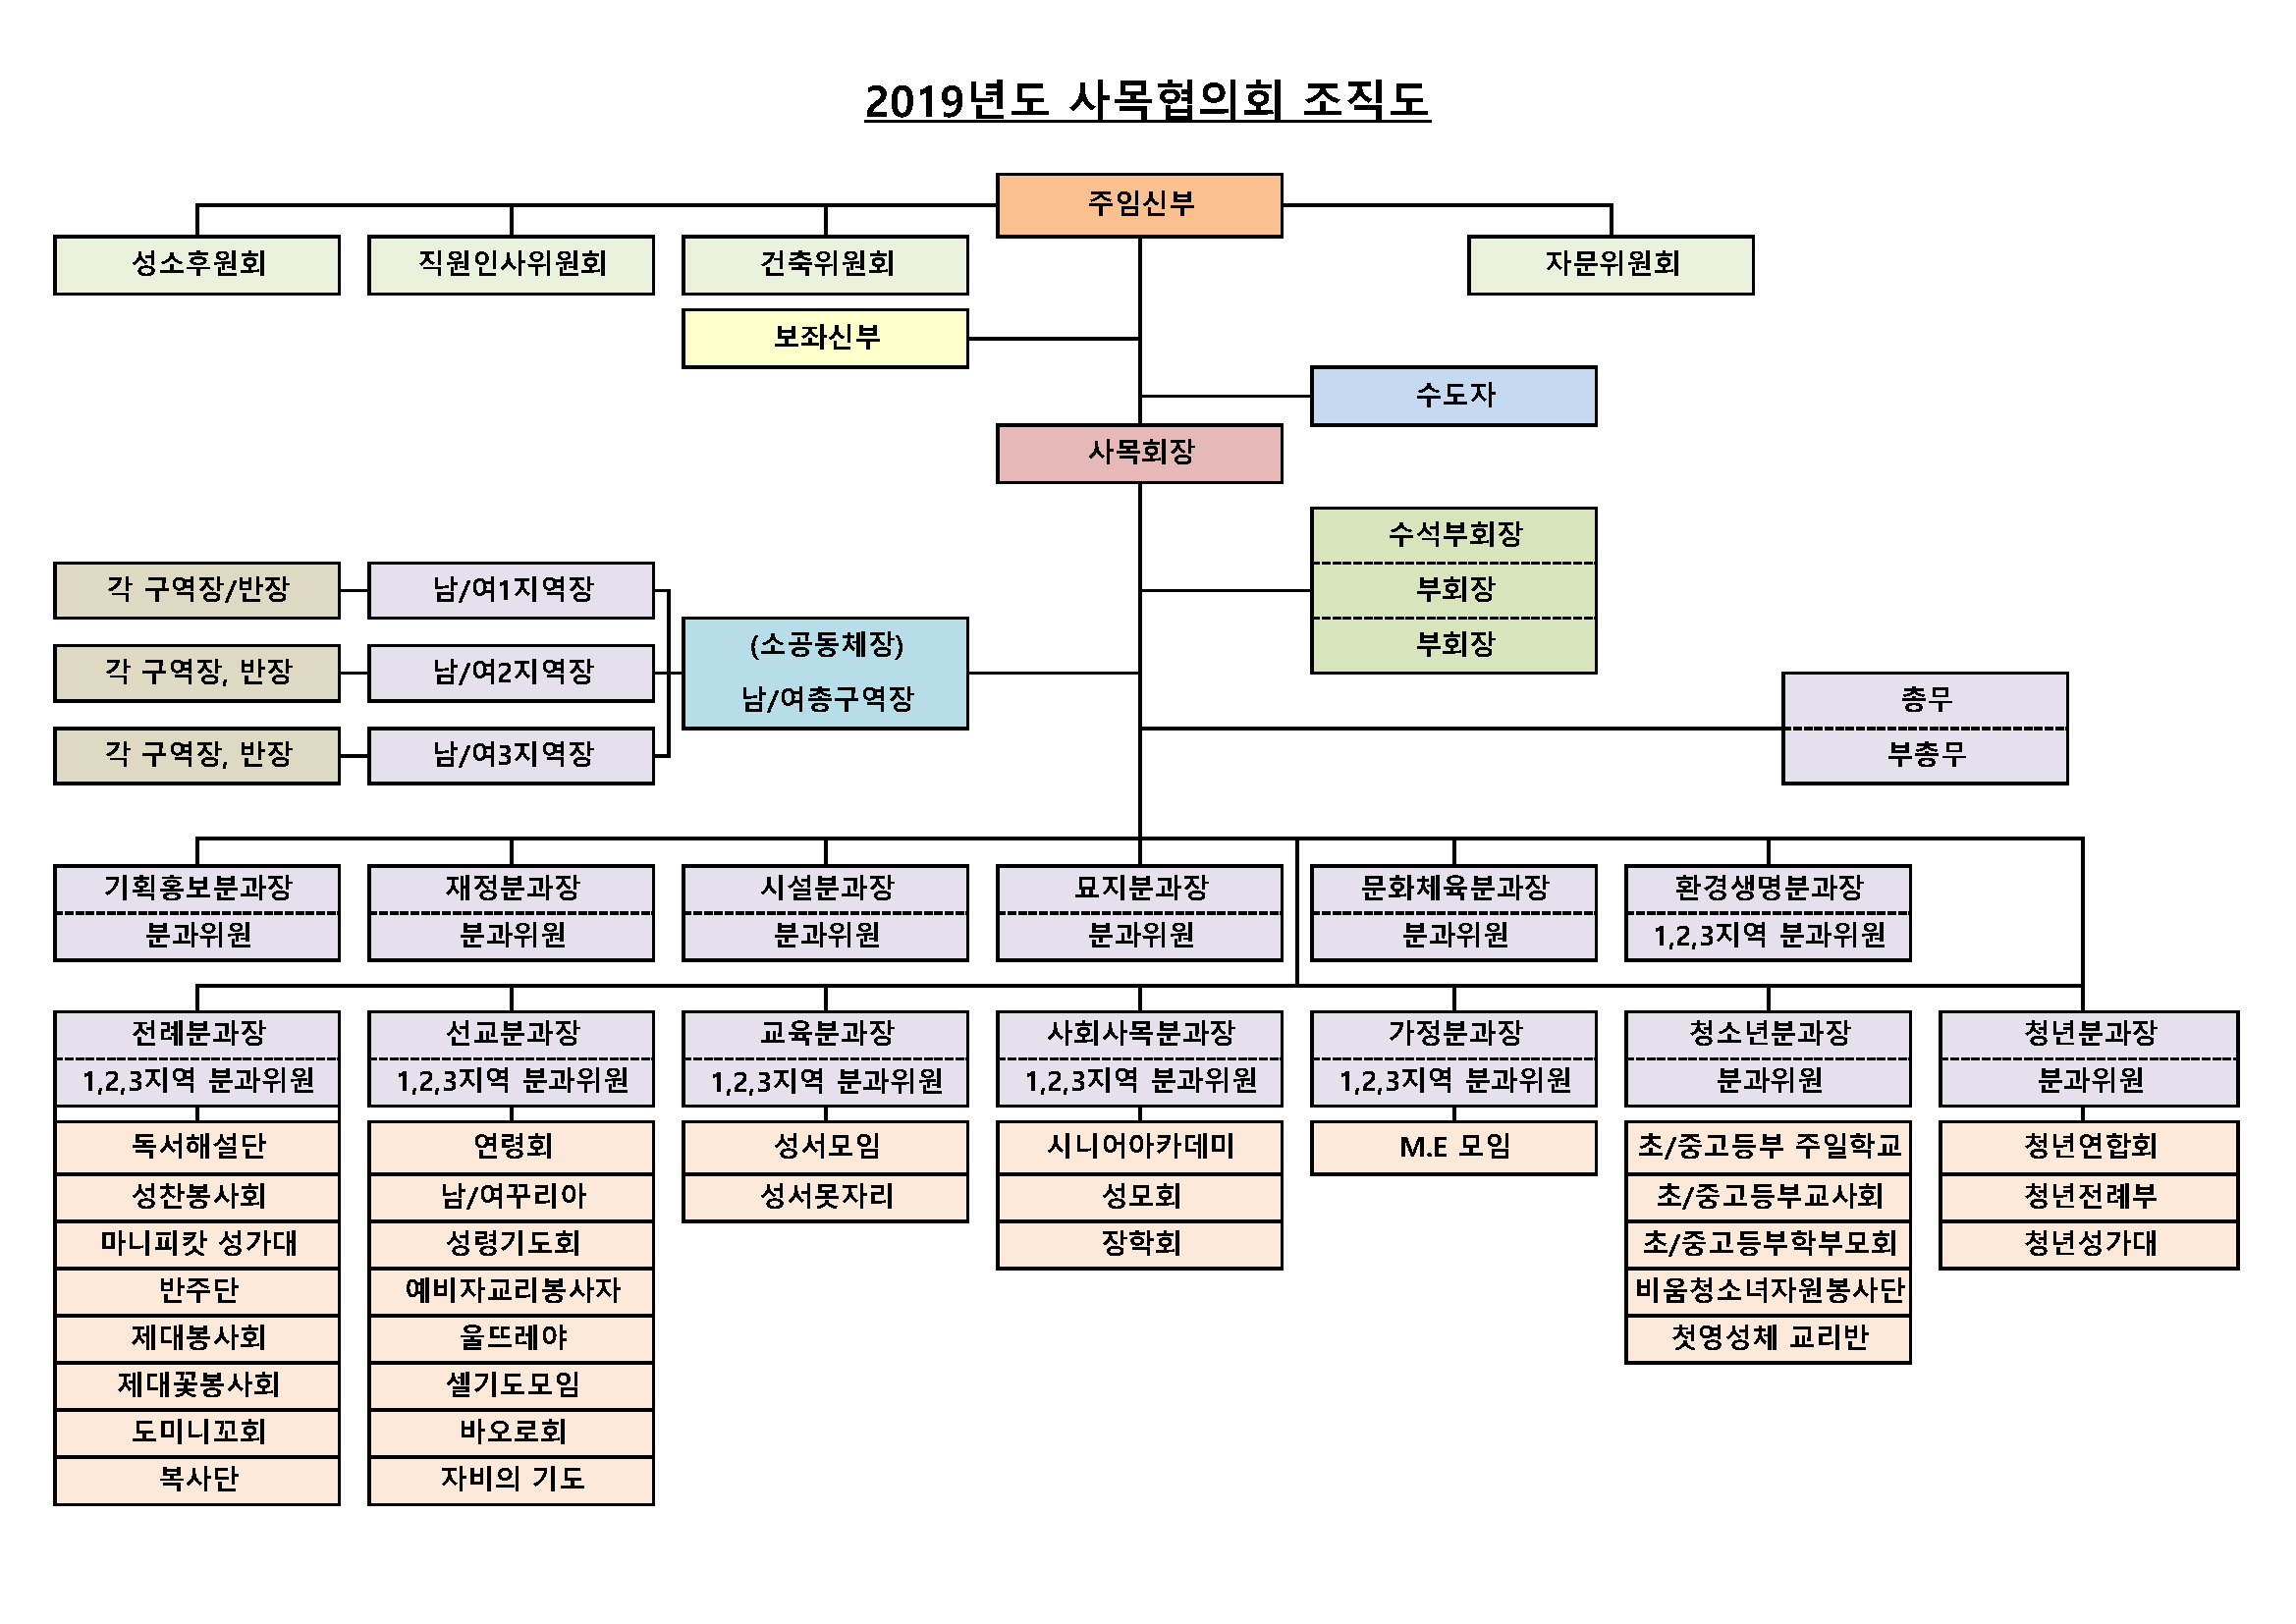 2019년도 사목협의회 조직도 (최종확정)3_Page_1.png